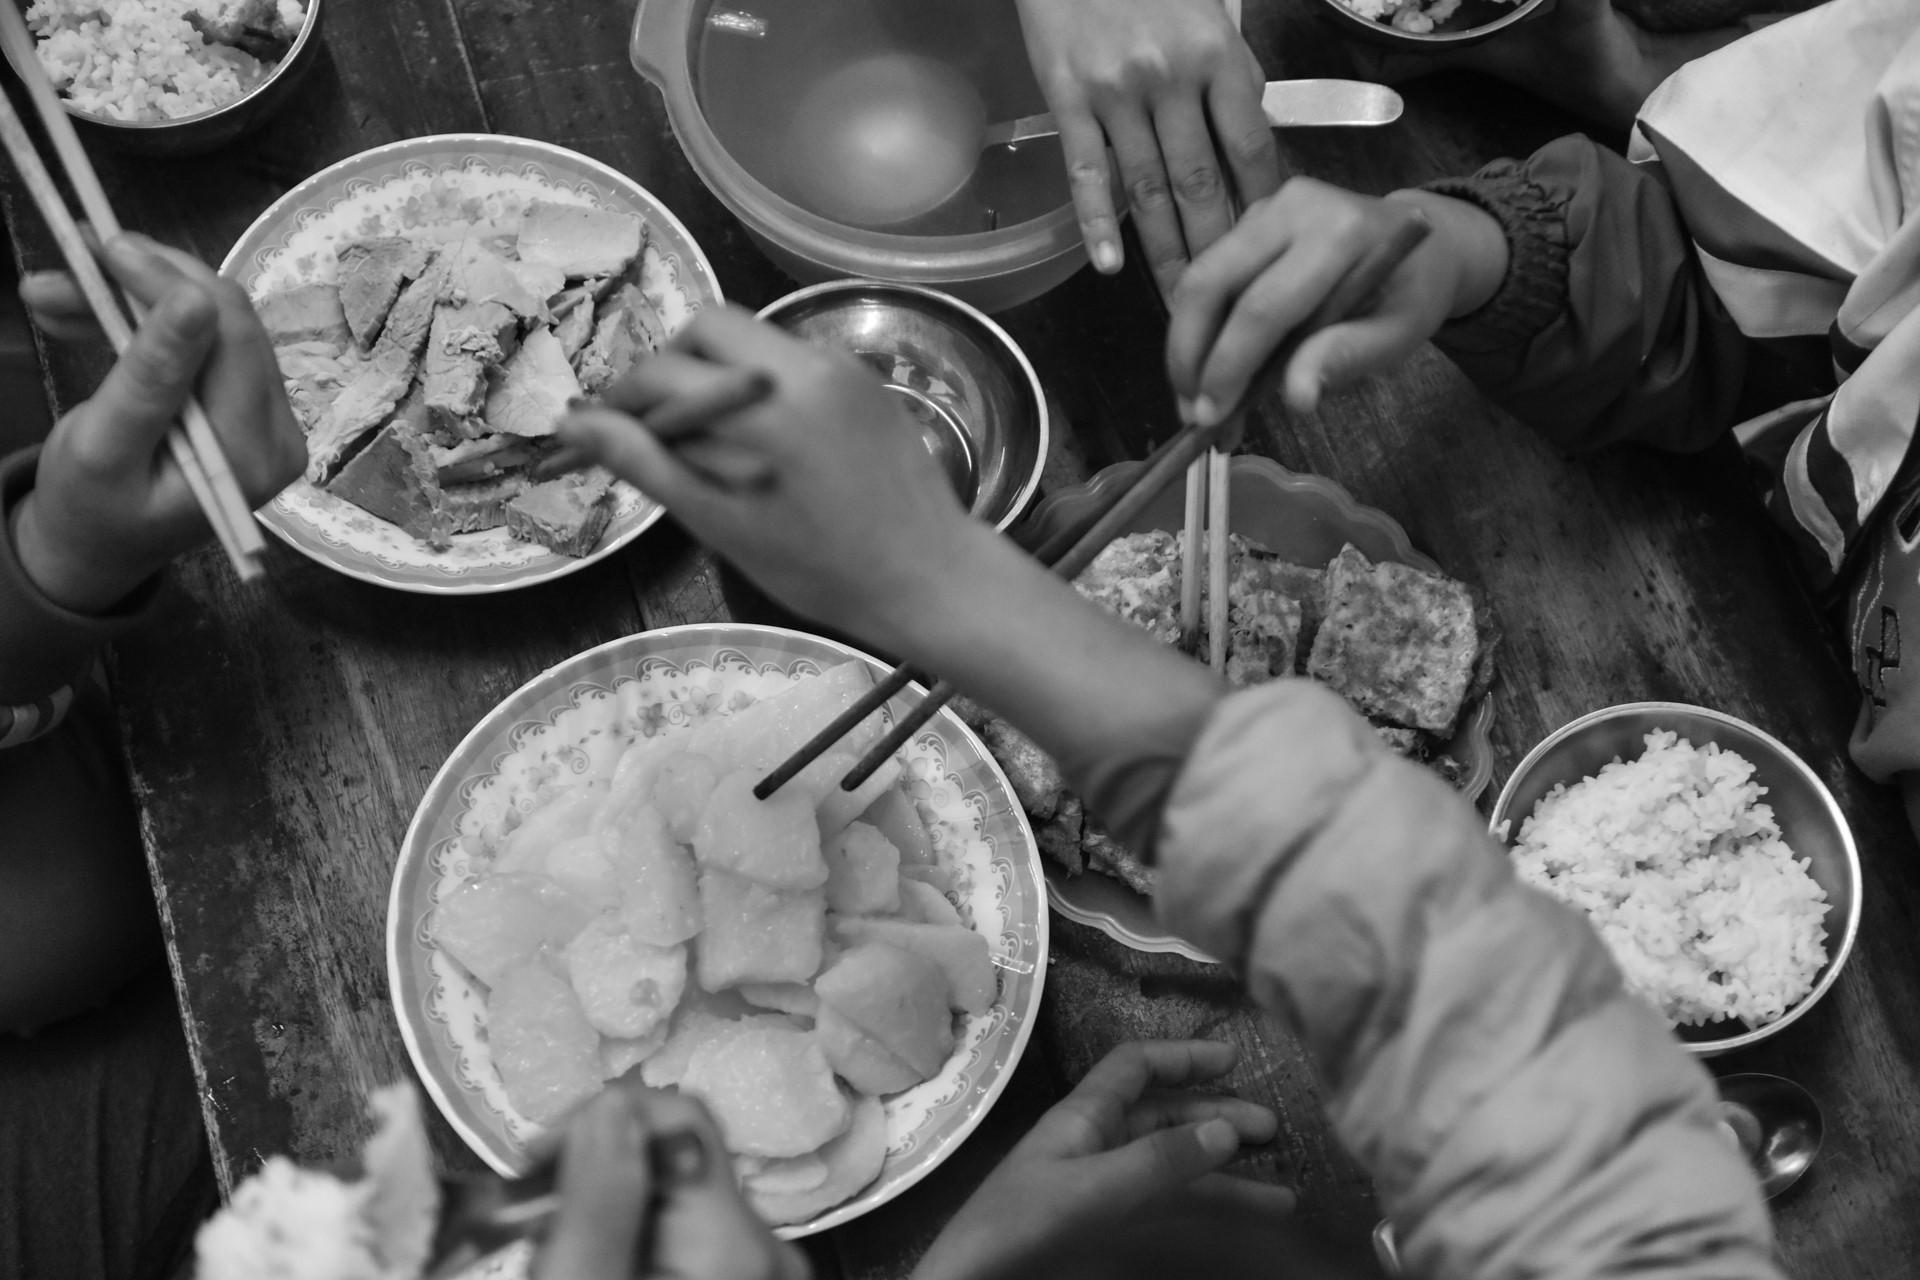 Ngôi nhà chung của 80 trẻ em nhiễm HIV bị bỏ rơi-14